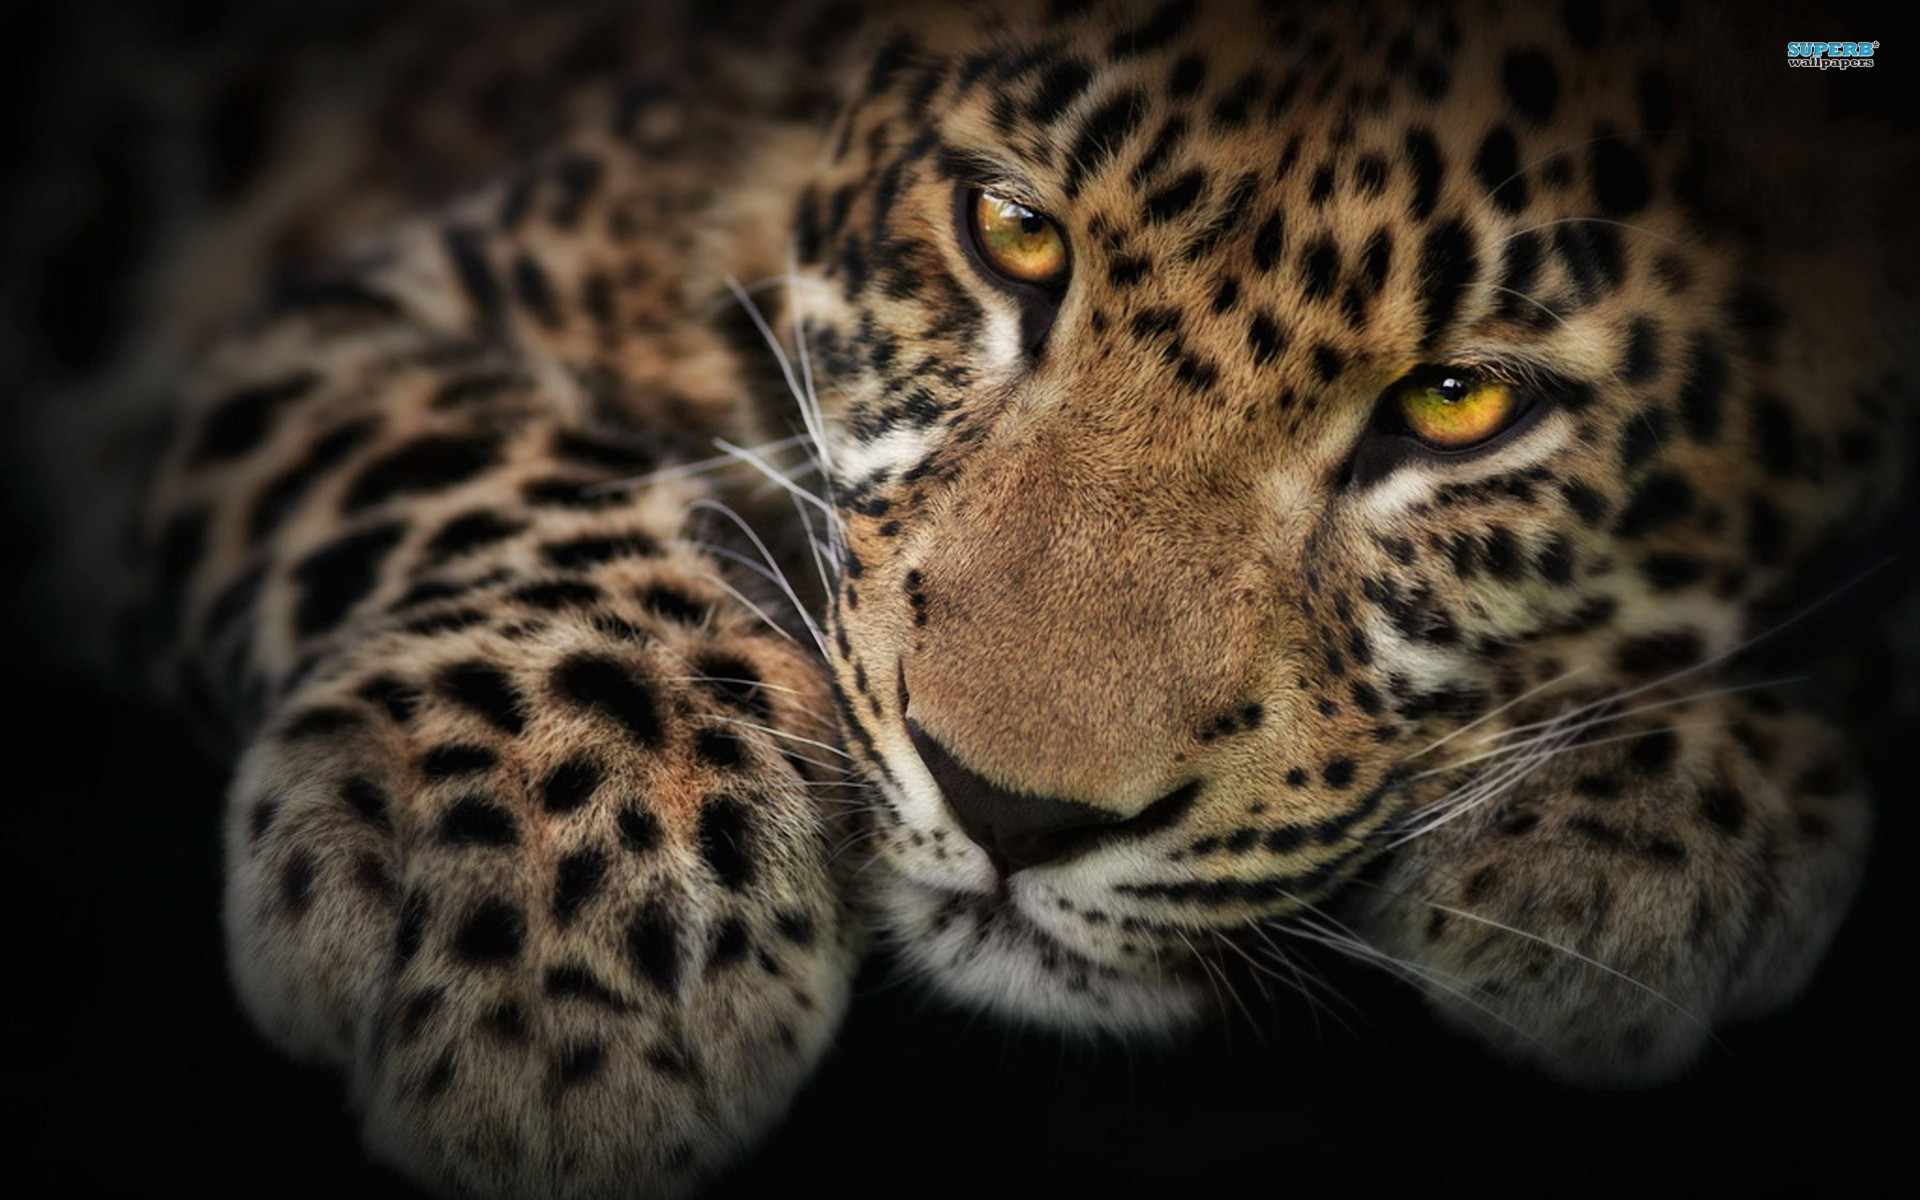 Leopard Wallpaper Full HD For Desktop 1920x1200